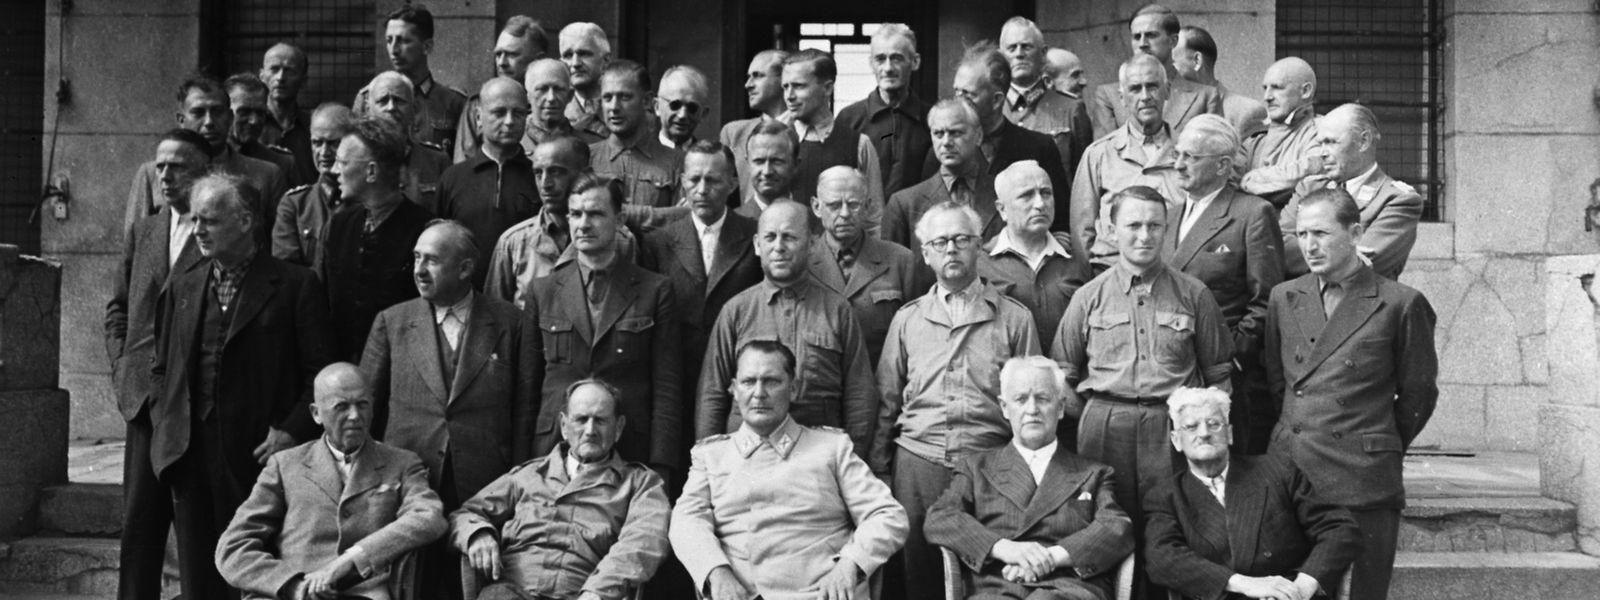 Erbarmungslose Militärs, niederträchtige Minister, fanatische Parteimitglieder, die in Zeiten des Dritten Reiches zahlreiche Rivalitäten unter sich austrugen, hausten nun in Mondorf unter einem Dach.